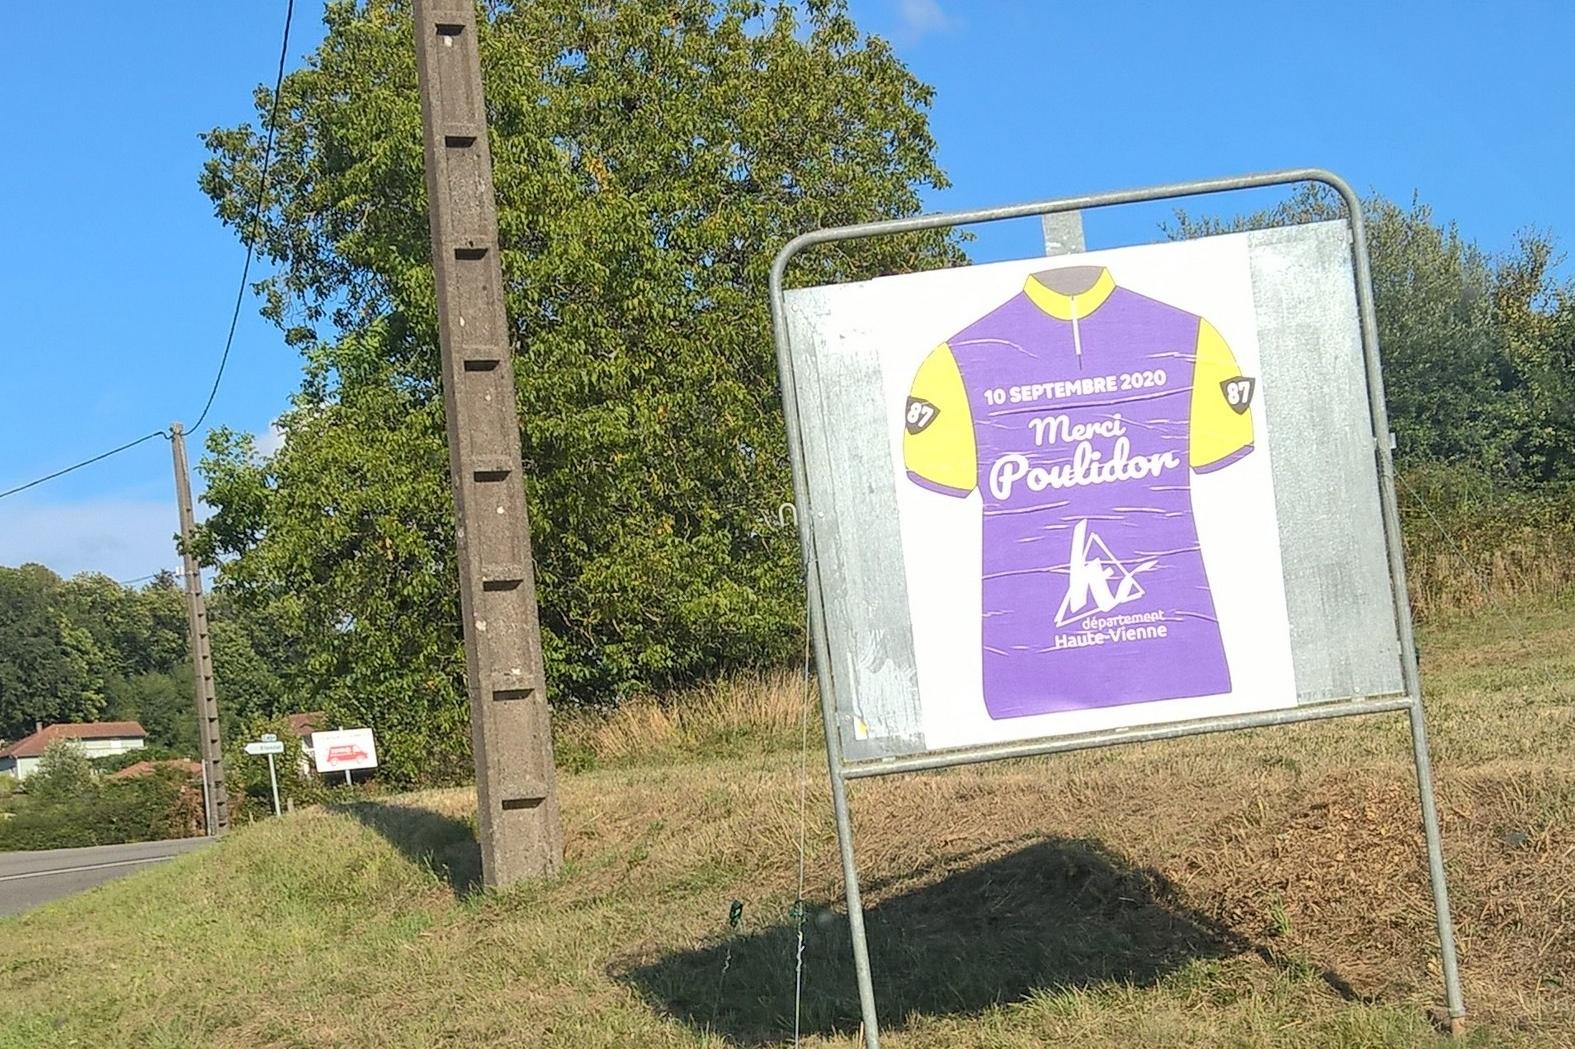 Le passage du Tour de France en Haute-Vienne est  l'occasion de rendre hommage à Raymond Poulidor.